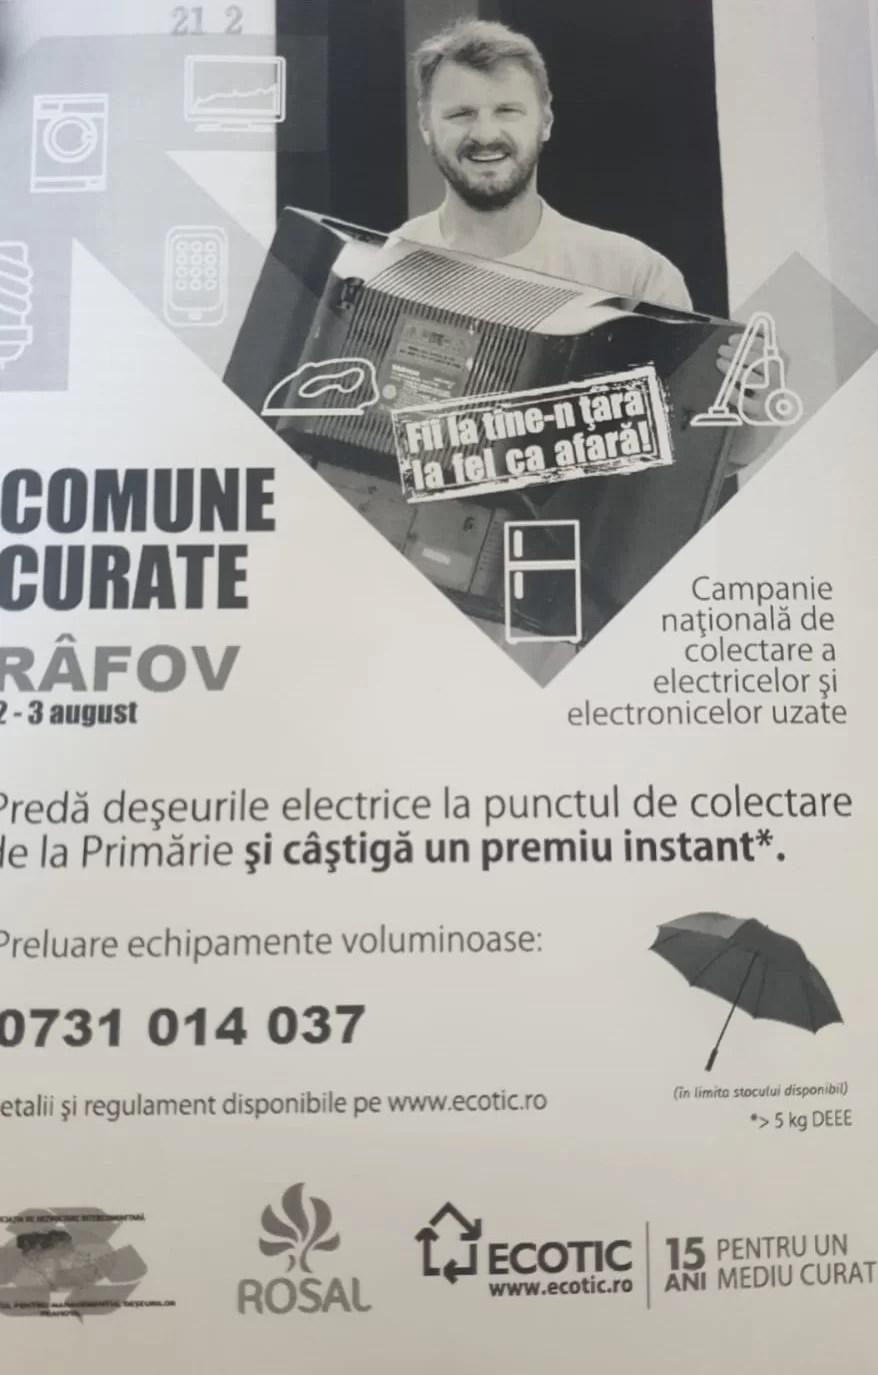 Campanie de predare a deșeurilor electrice și electrocasnice, în comuna Râfov (2 -3 august)